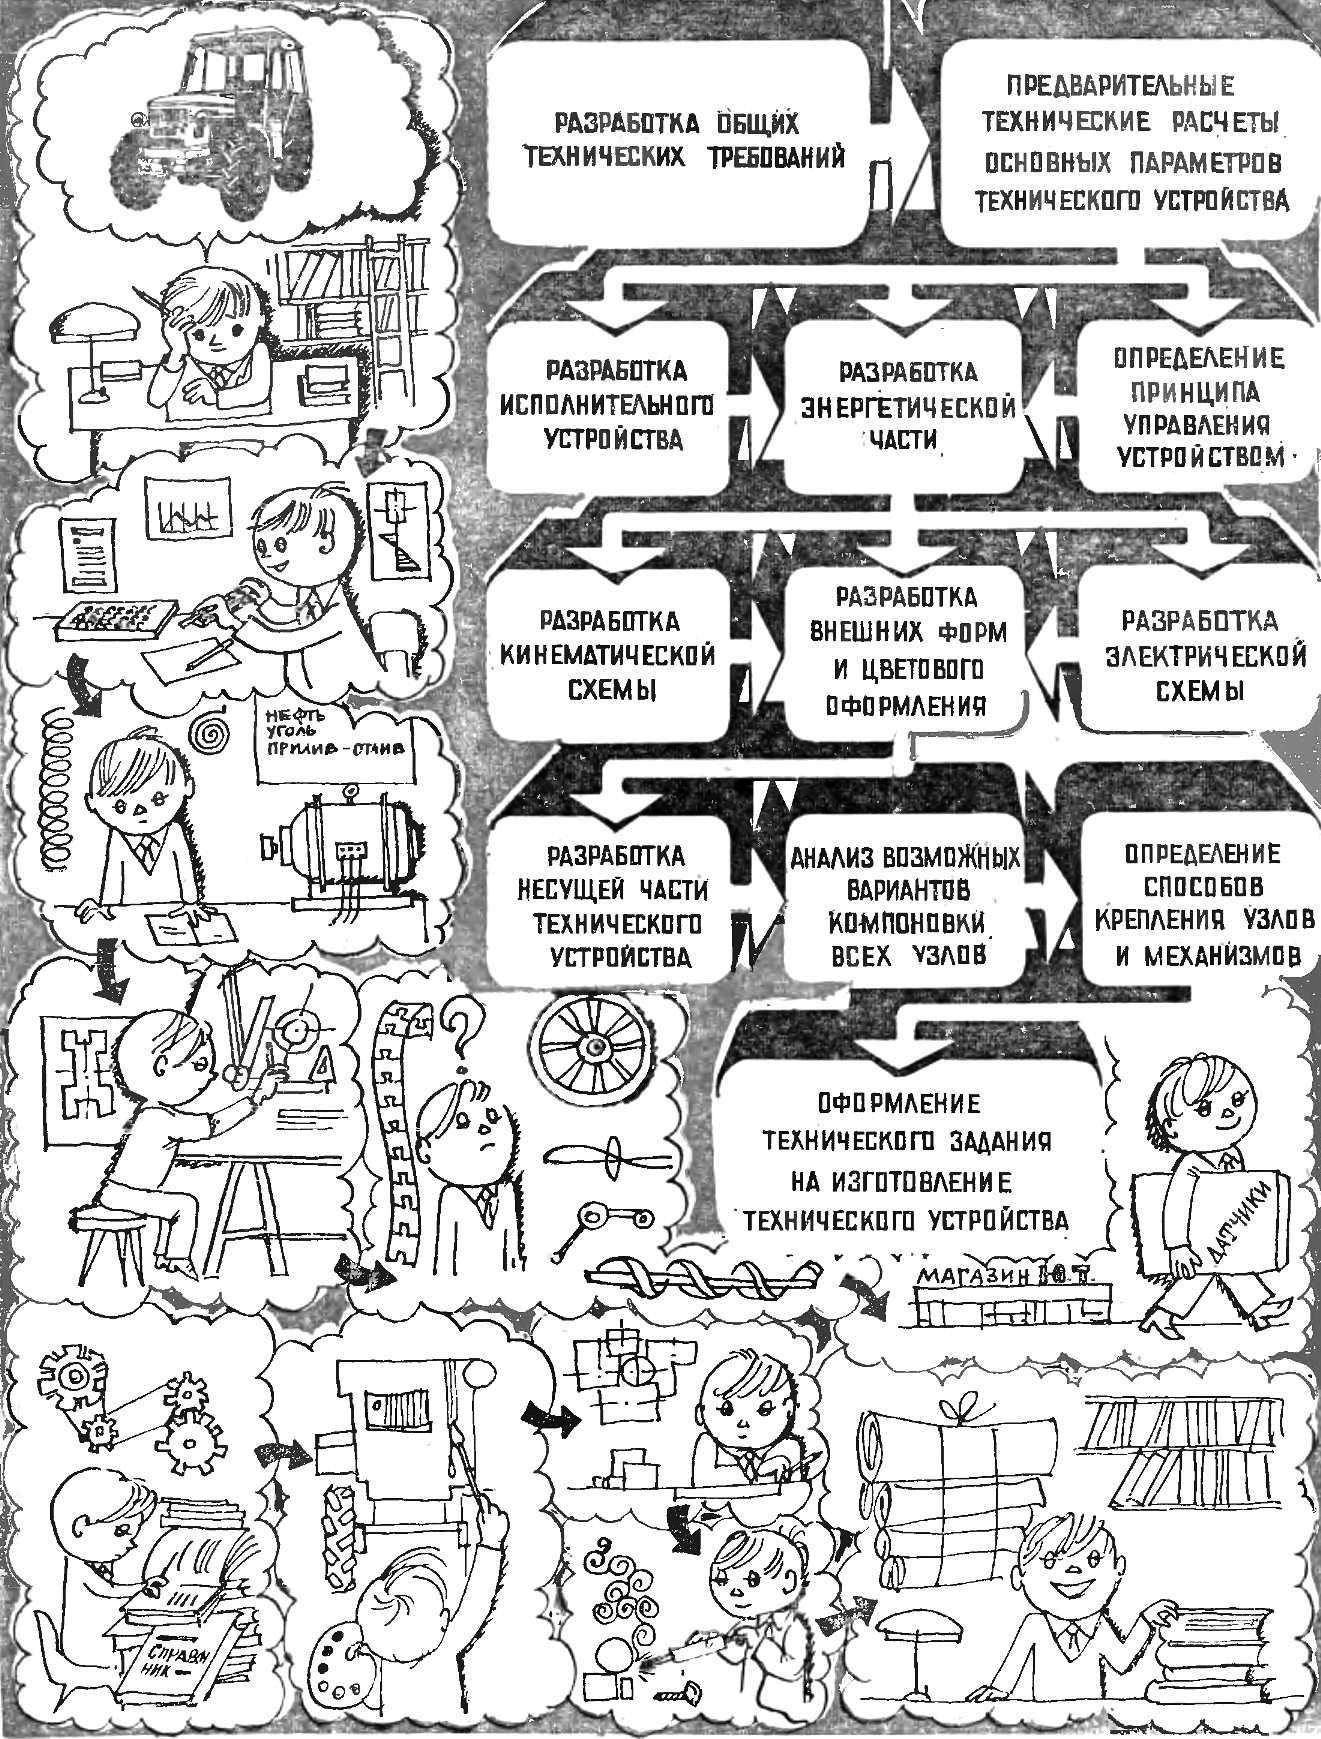 Схема 2. Основные этапы конструирования технического устройства.